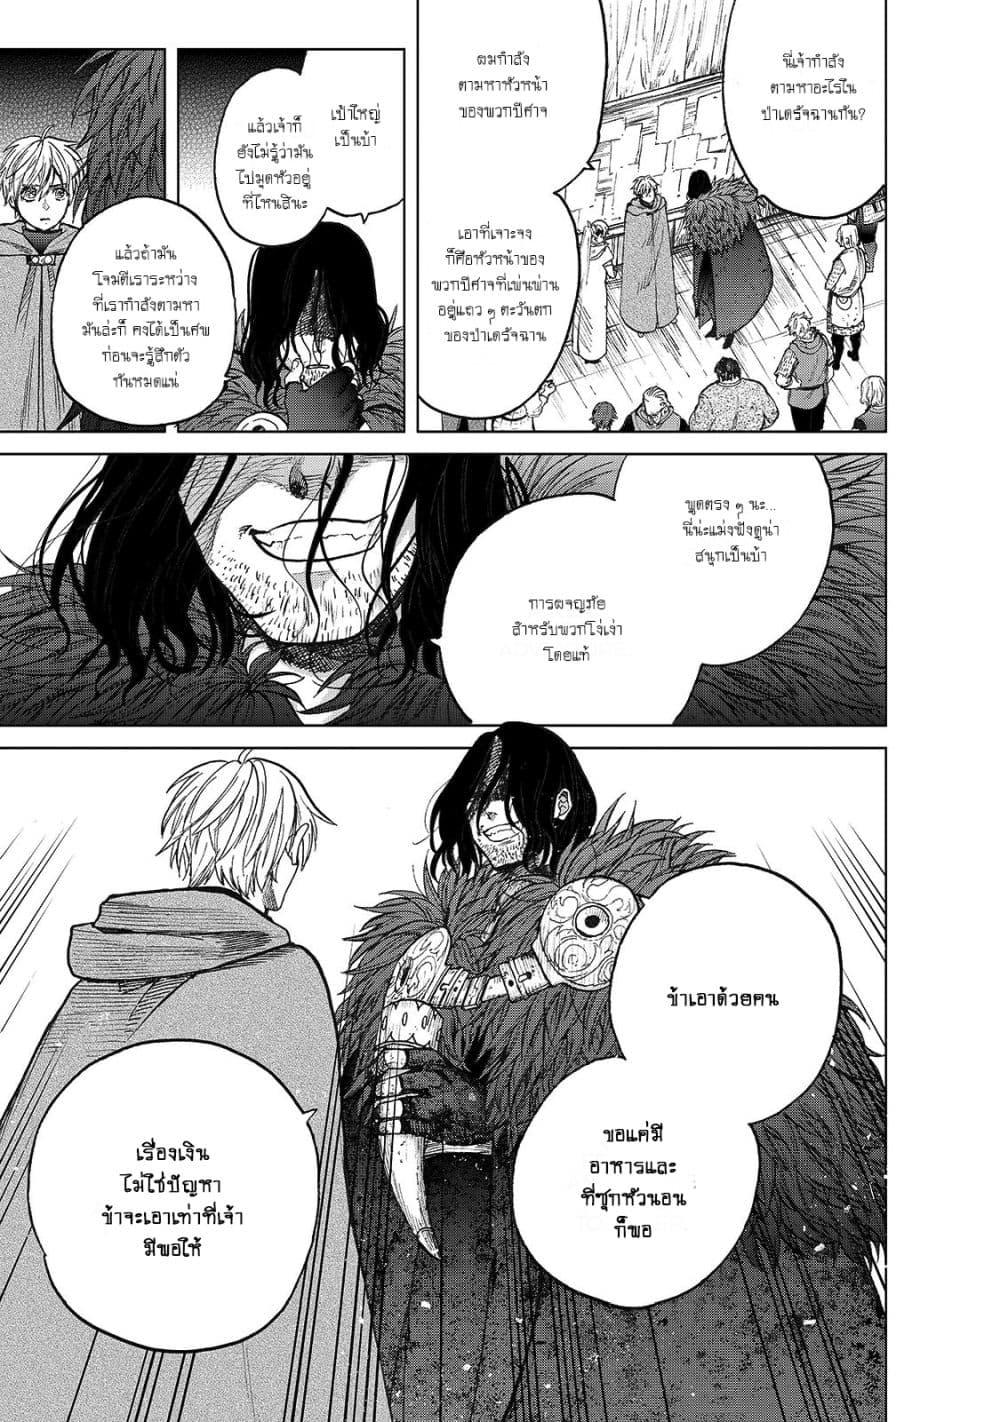 อ่านการ์ตูน Saihate no Paladin ตอนที่ 22 หน้าที่ 29